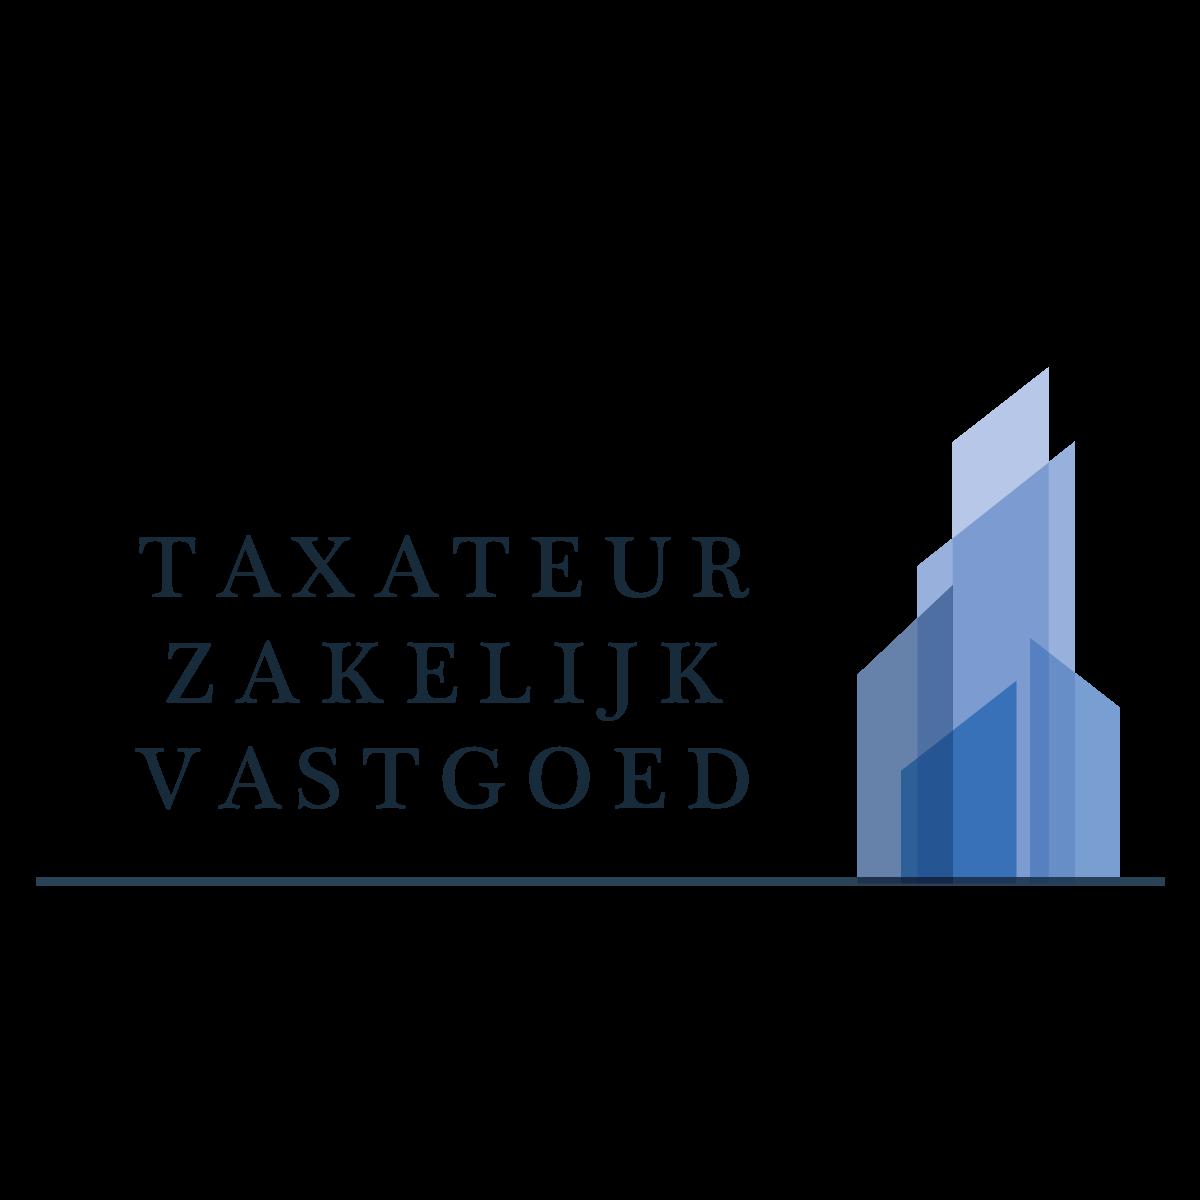 Taxateur Zakelijk Vastgoed